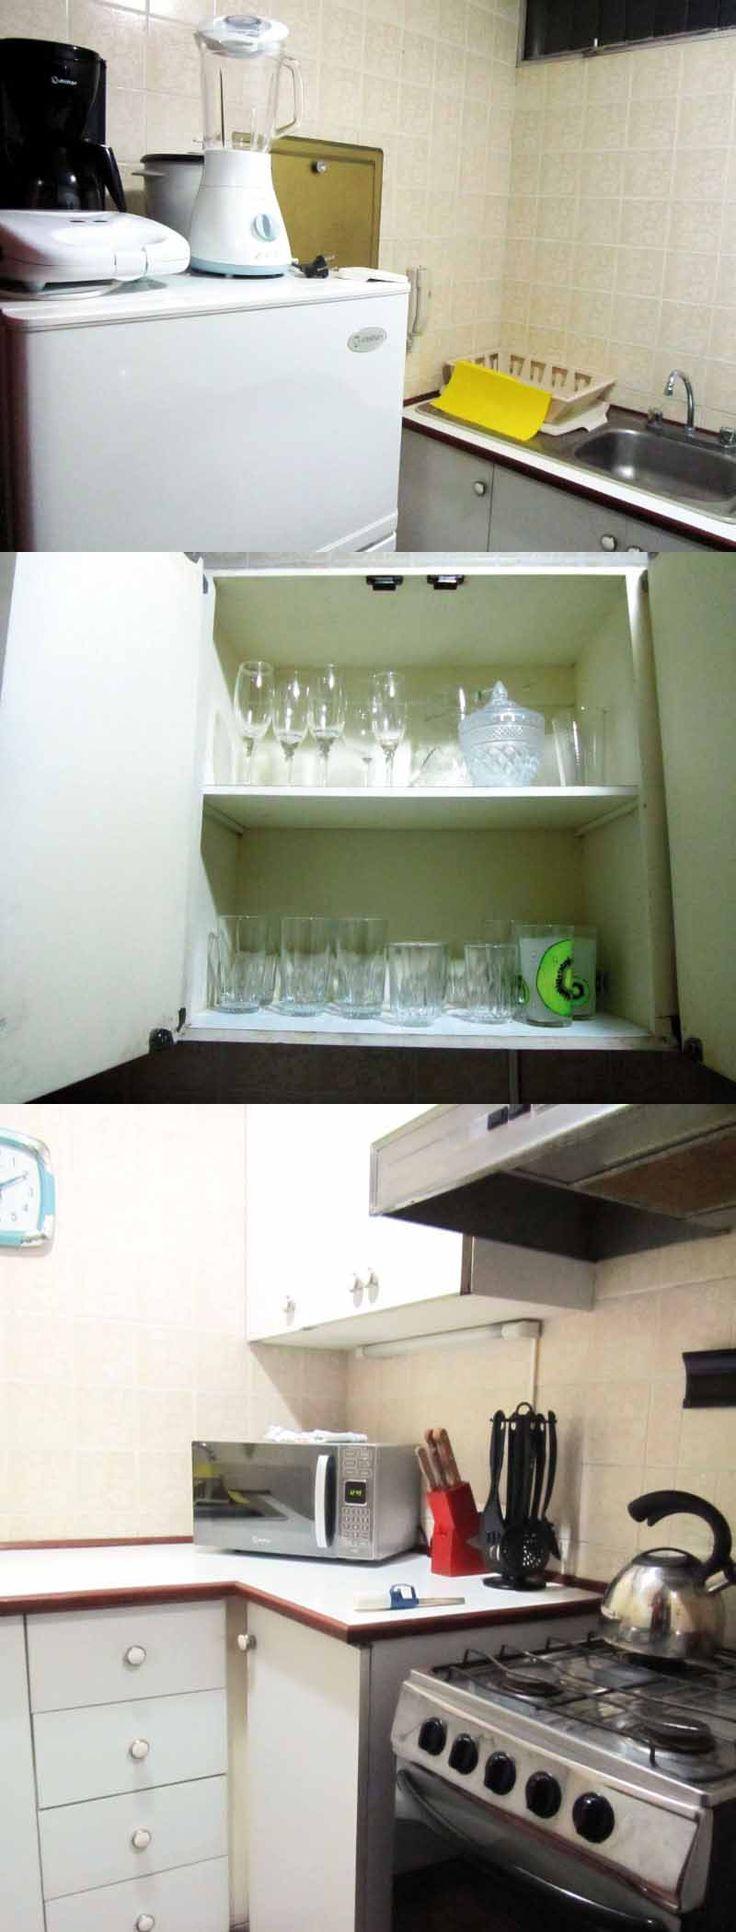 Departamentos en alquiler temporal en #Miraflores (#Lima, #Perú).  Informes en este post: http://www.placeok.com/departamentos-alquiler-temporario-lima/